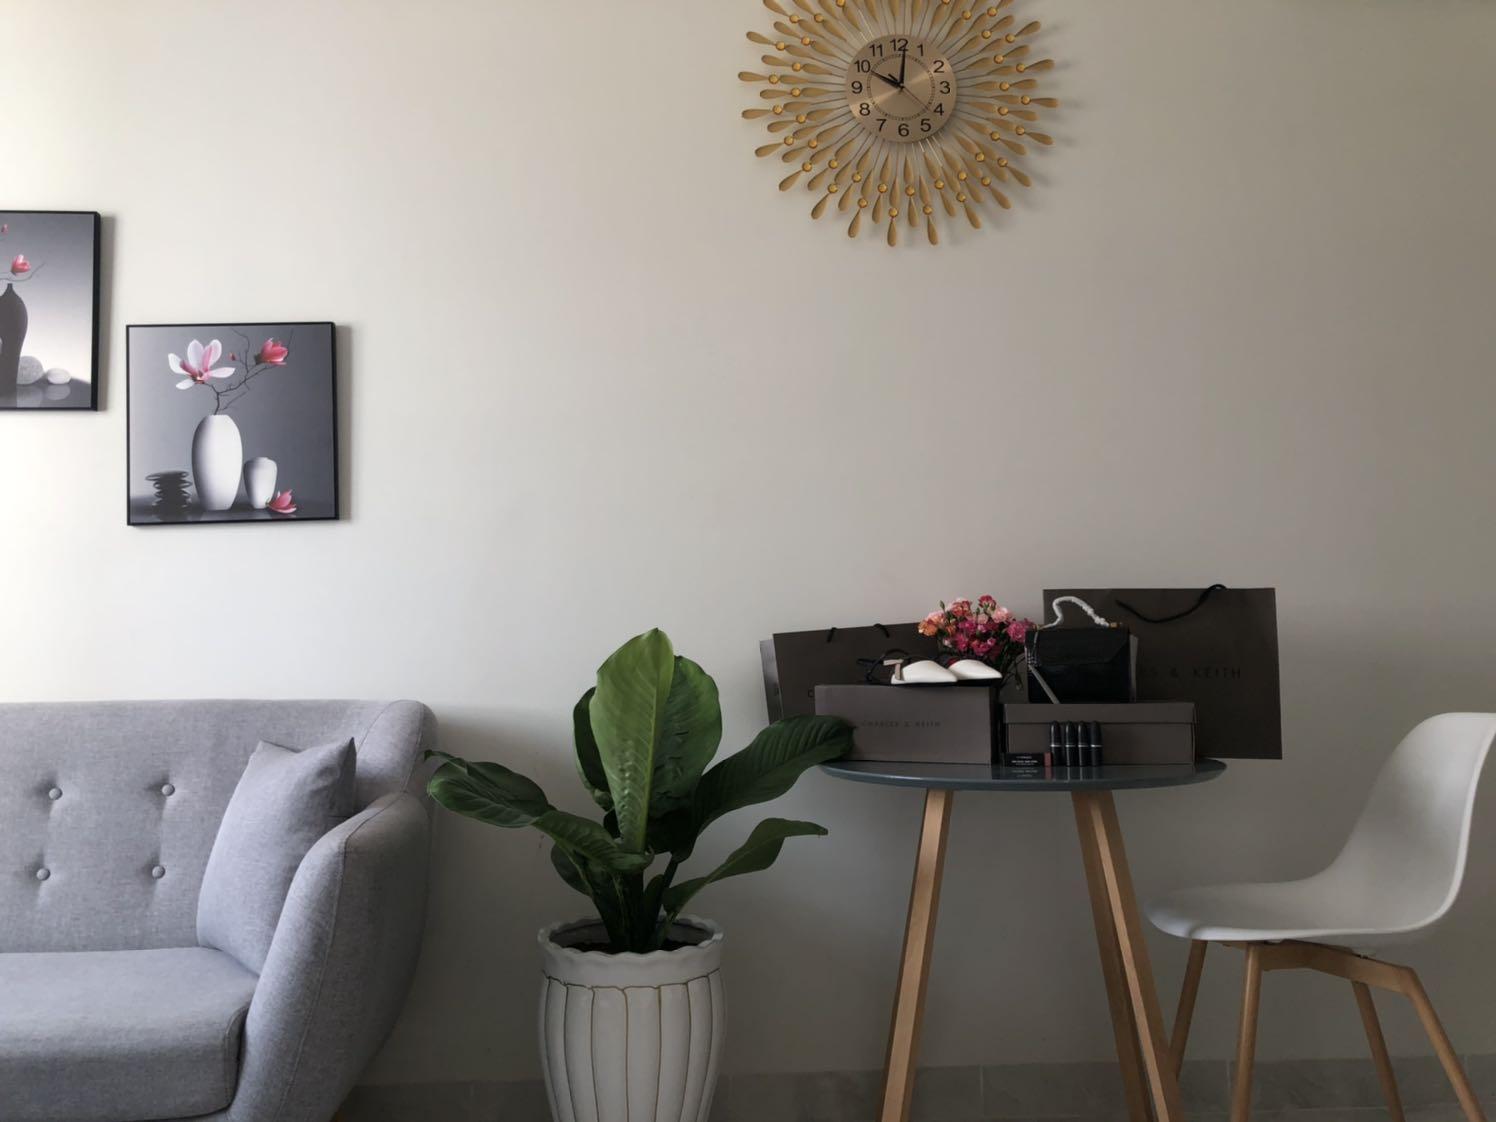 Đồng Hồ Treo Tường ROMANA Vintage loại to phong cách cá tính - vật liệu cao cấp, tạo không gian mới lạ cho nội thất